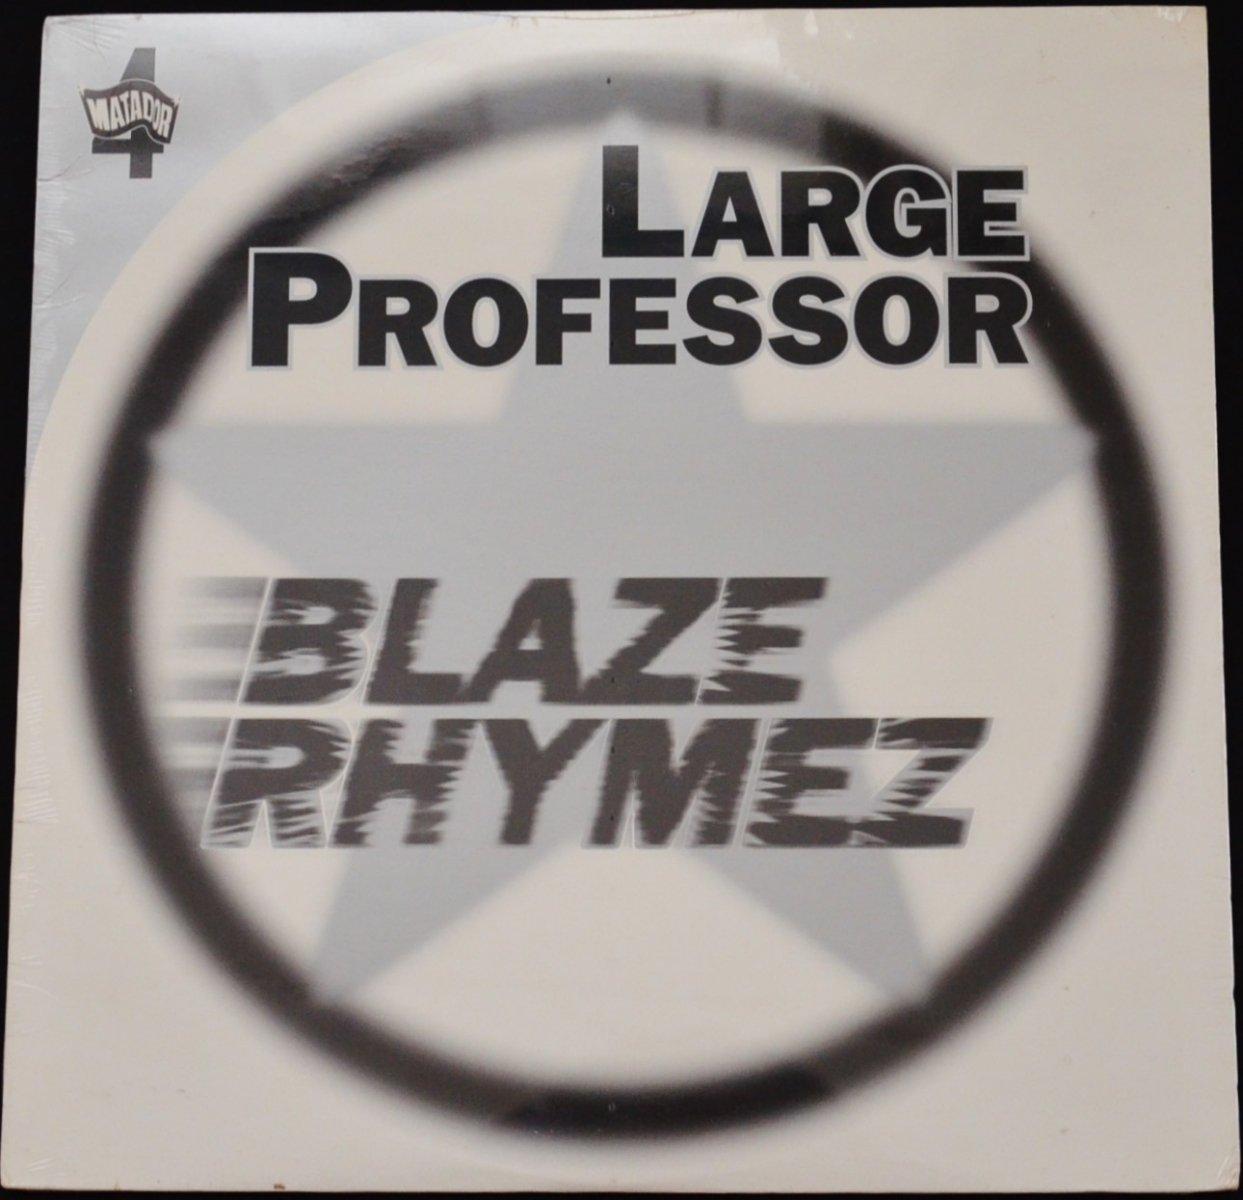 LARGE PROFESSOR / BLAZE RHYMEZ / BACK TO BACK (12